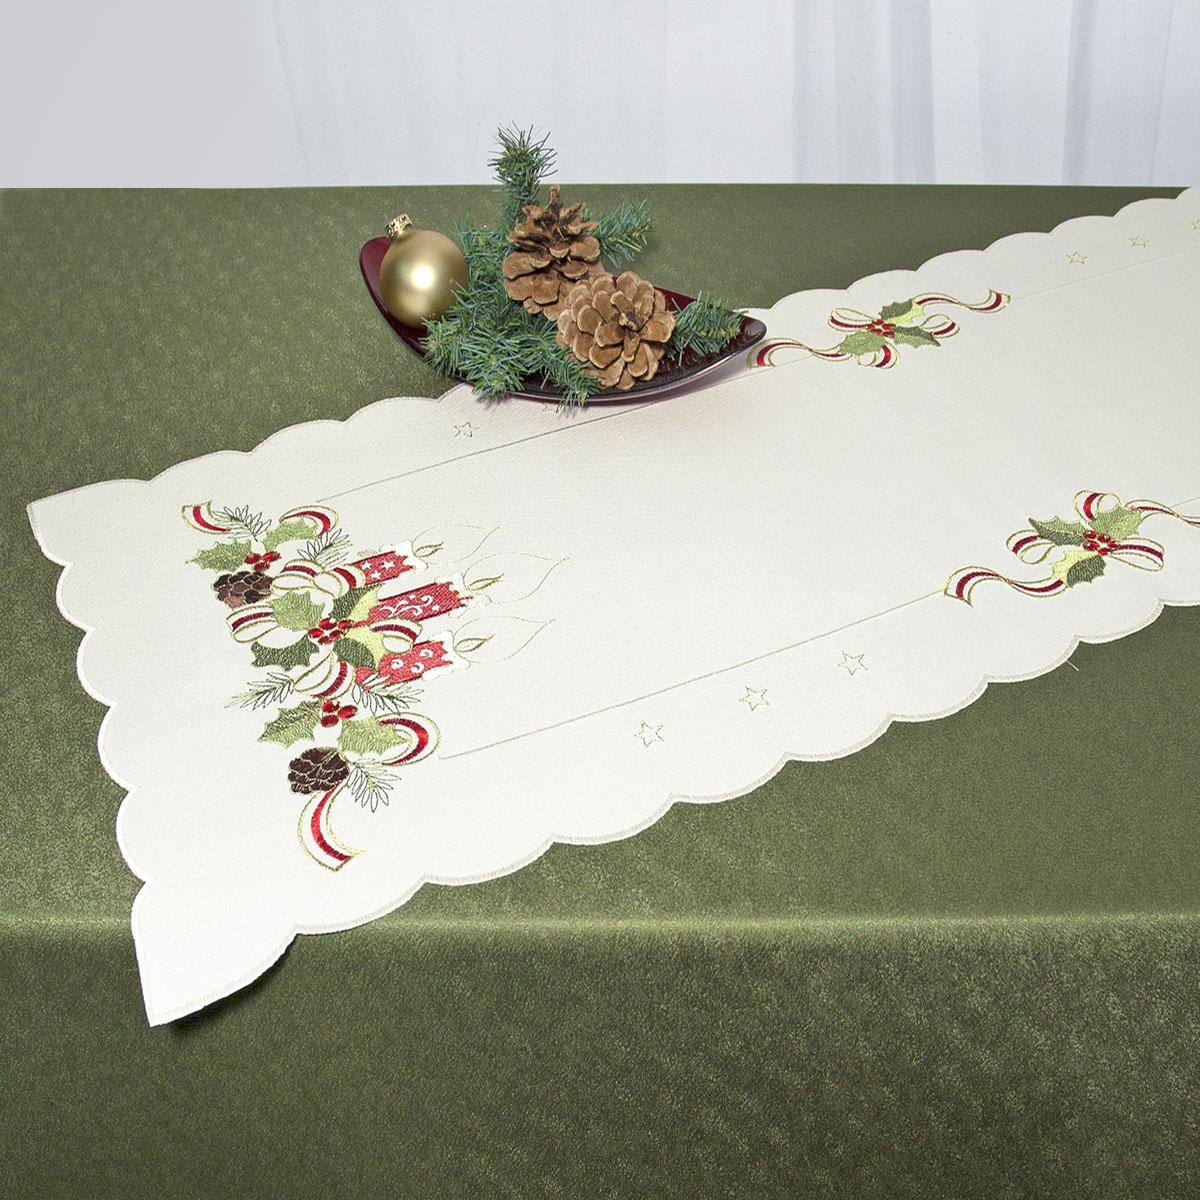 Дорожка для декорирования стола Schaefer, прямоугольная, цвет: бежевый, красный, 40 x 110 см 07488-23307488-233Прямоугольная дорожка Schaefer, выполненная из полиэстера и украшенная вышивкой в виде рождественских свечей, предназначена для декорирования стола, комода или тумбы. Дорожка имеет волнистые края. Изысканное оформление изделия придает ему необыкновенную легкость.Благодаря такой дорожке вы защитите поверхность мебели от воды, пятен и механических воздействий, а также создадите атмосферу уюта и домашнего тепла в интерьере вашей квартиры. Изделия из искусственных волокон легко стирать: они не мнутся, не садятся и быстро сохнут, они более долговечны, чем изделия из натуральных волокон.